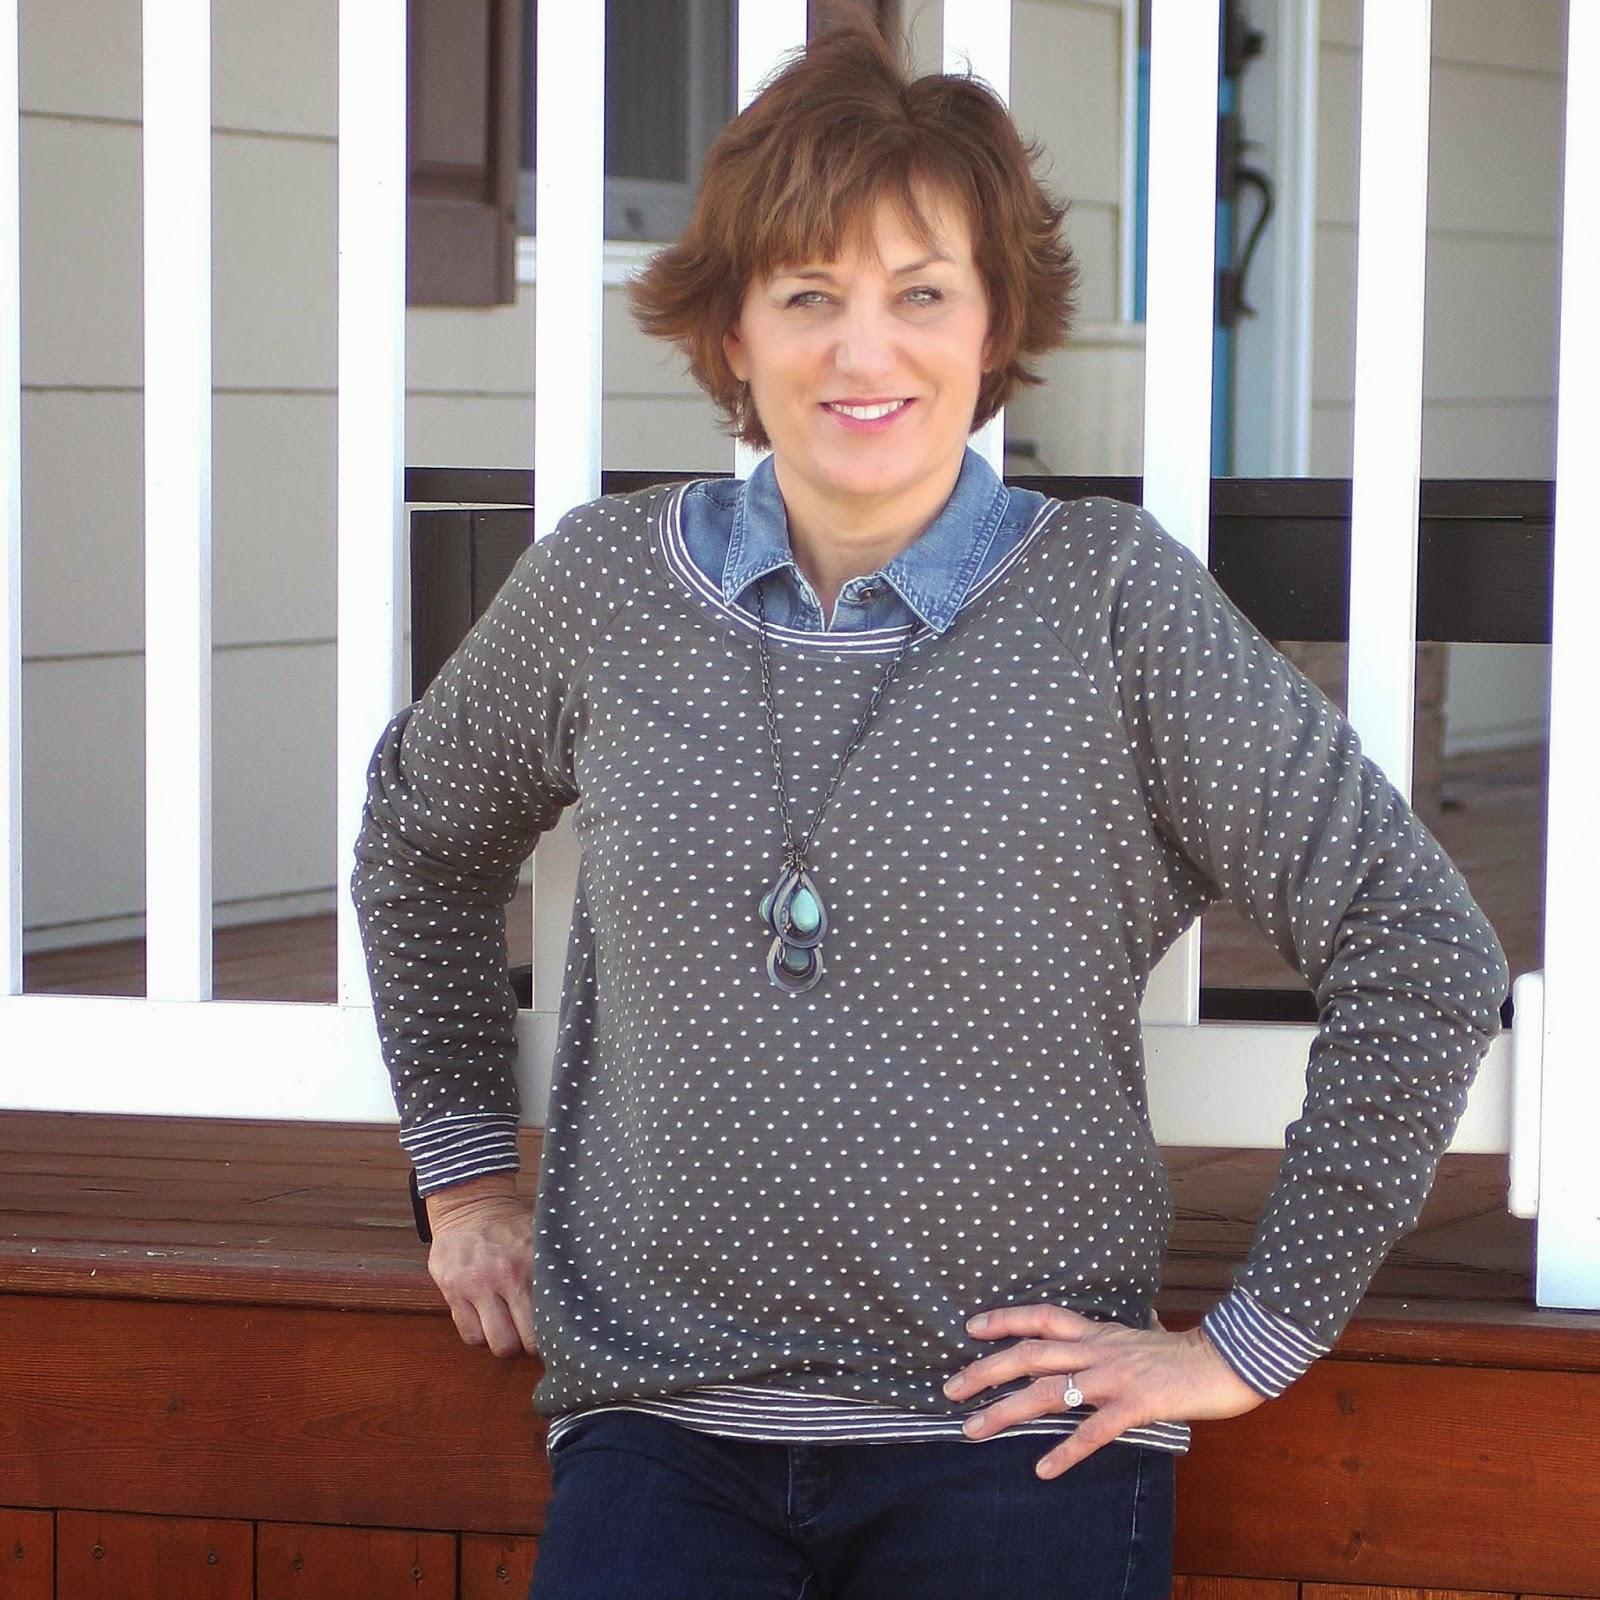 grainline studio Linden sweatshirt in polka dot fabric